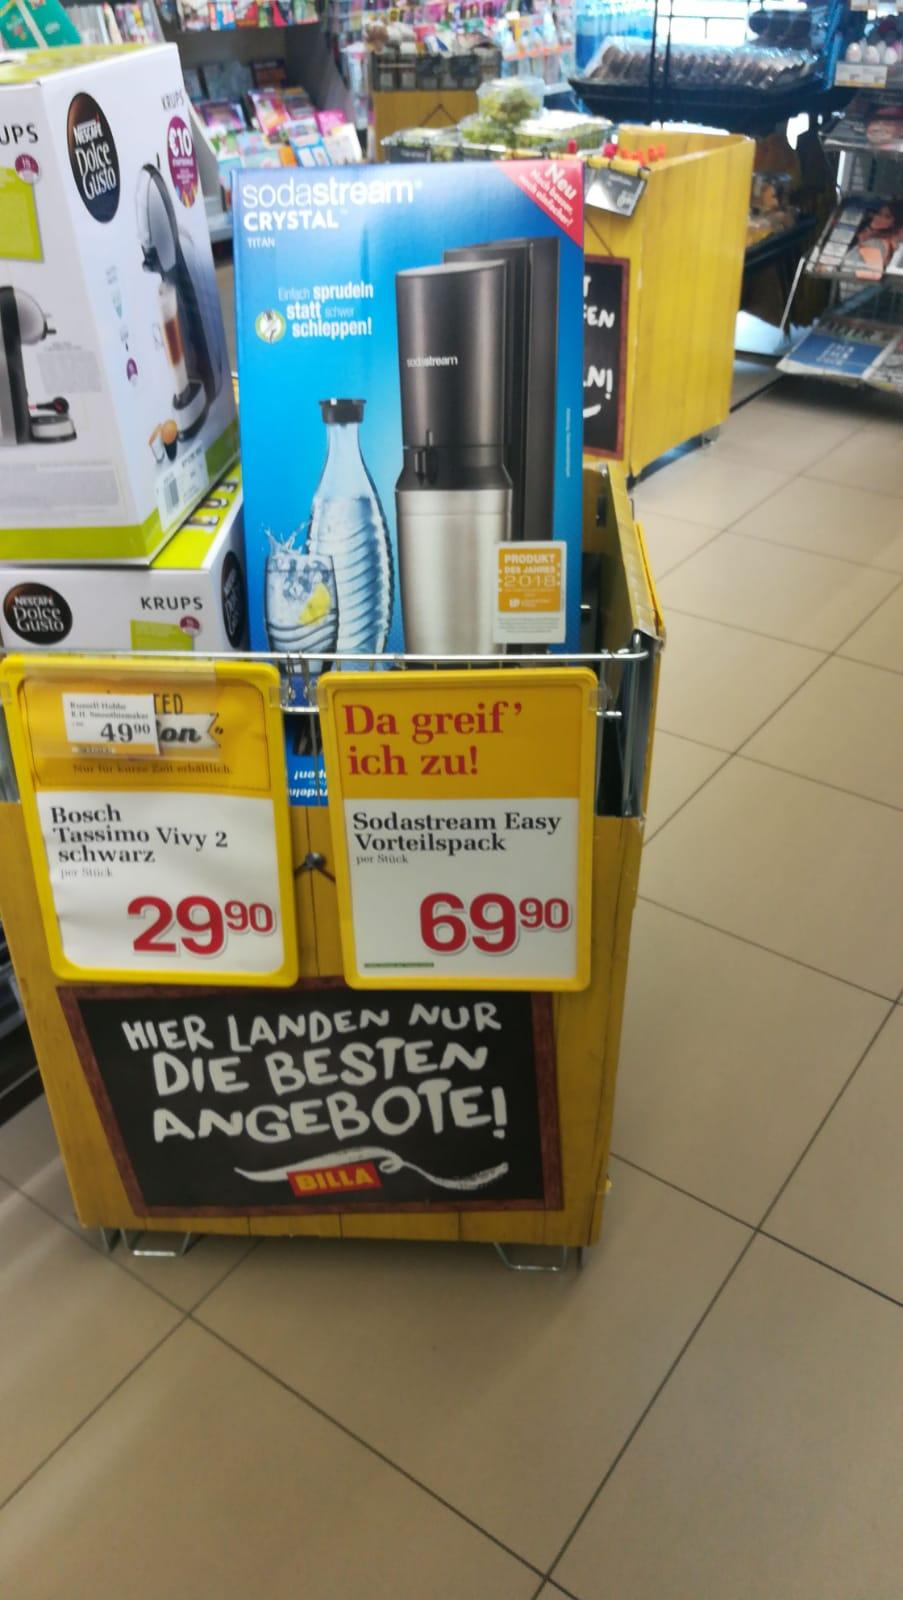 (BILLA Lokal) SodaStream Easy Vorteilspack Trinkwassersprudler- mit dem -25% Pickerl - um 52,42 €